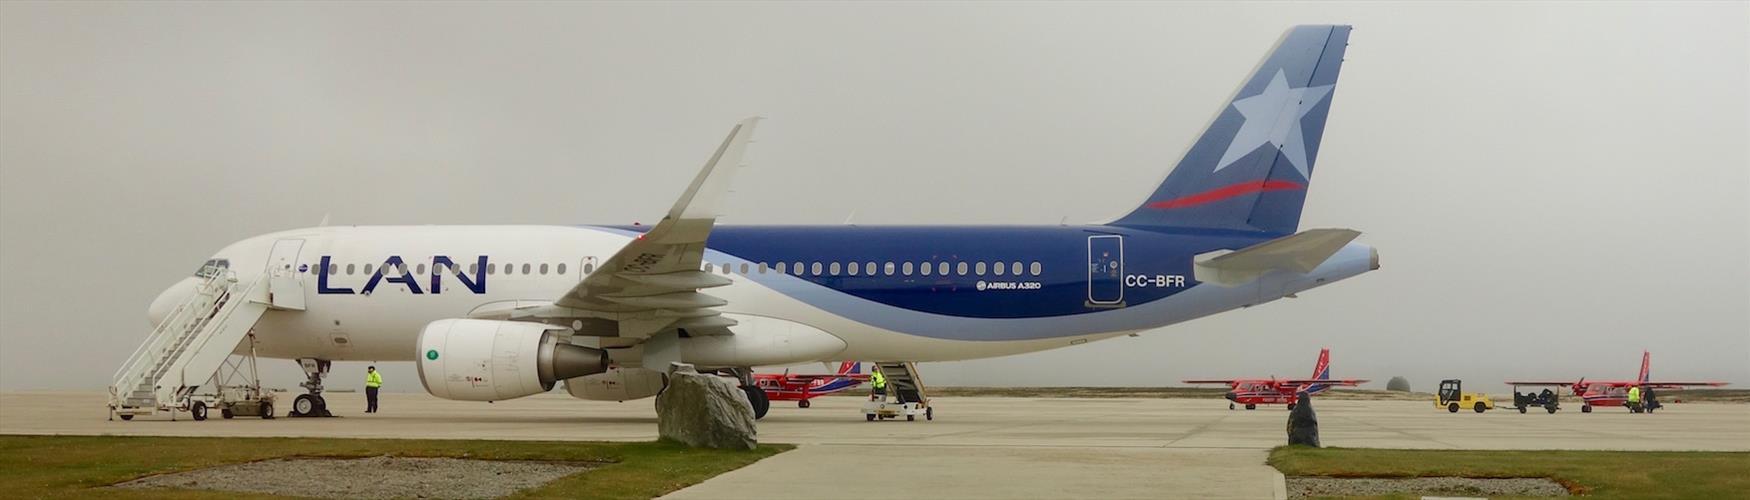 Resultado de imagen para Islas Malvinas airlines